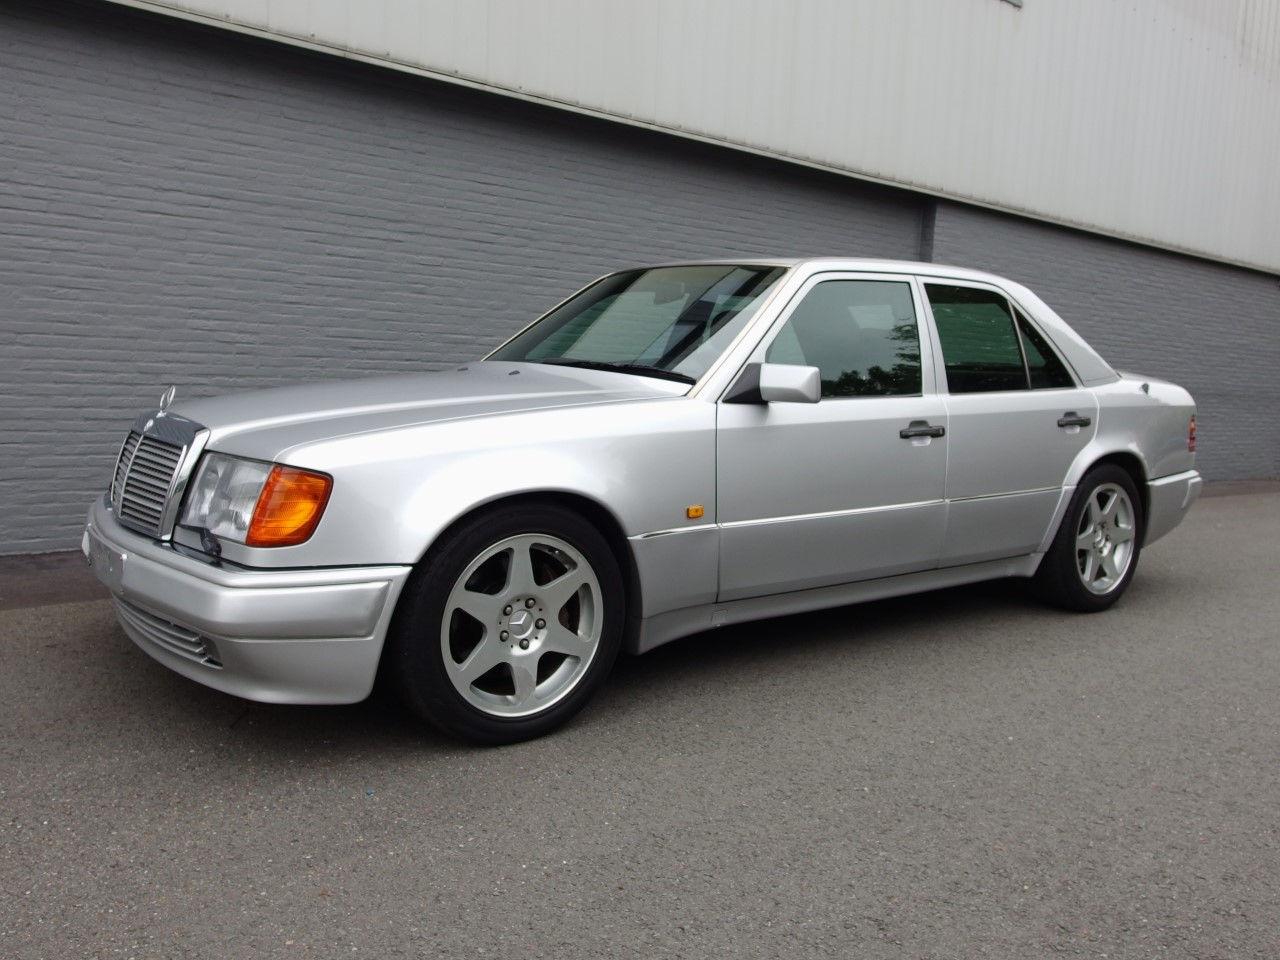 1993 Mercedes-Benz W124 500E   BENZTUNING